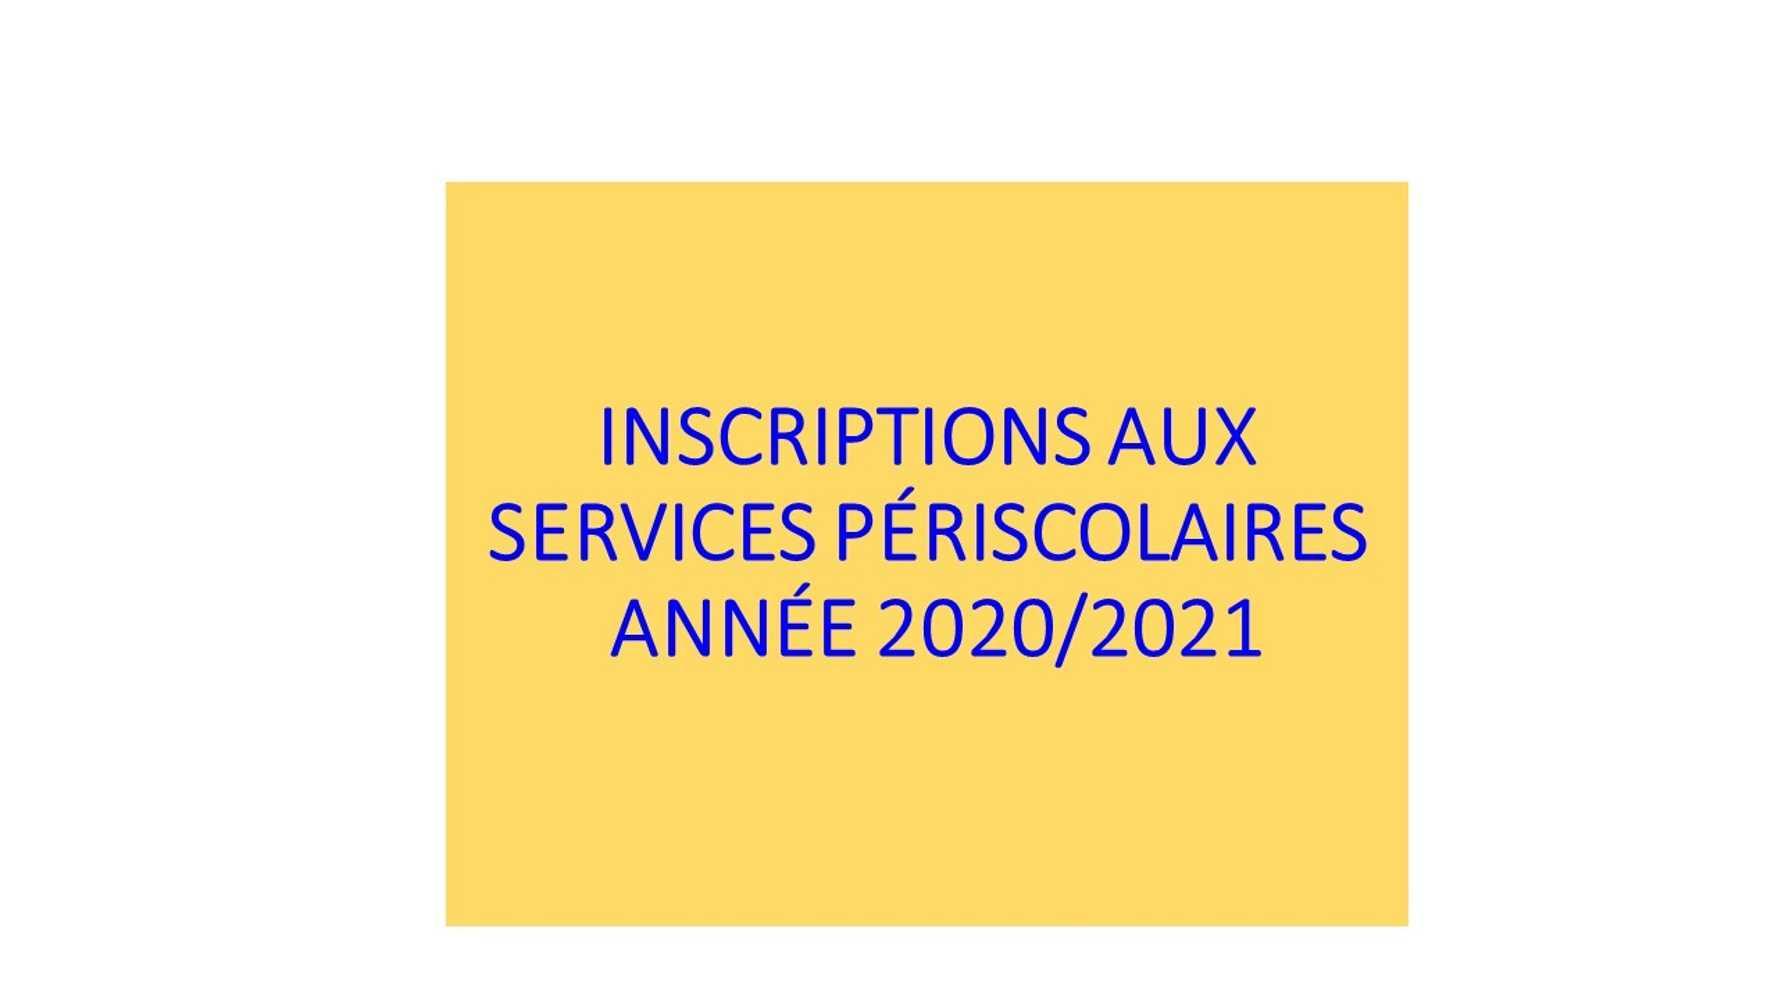 INSCRIPTIONS AUX SERVICES PERISCOLAIRES ANNEE 2020/2021 0